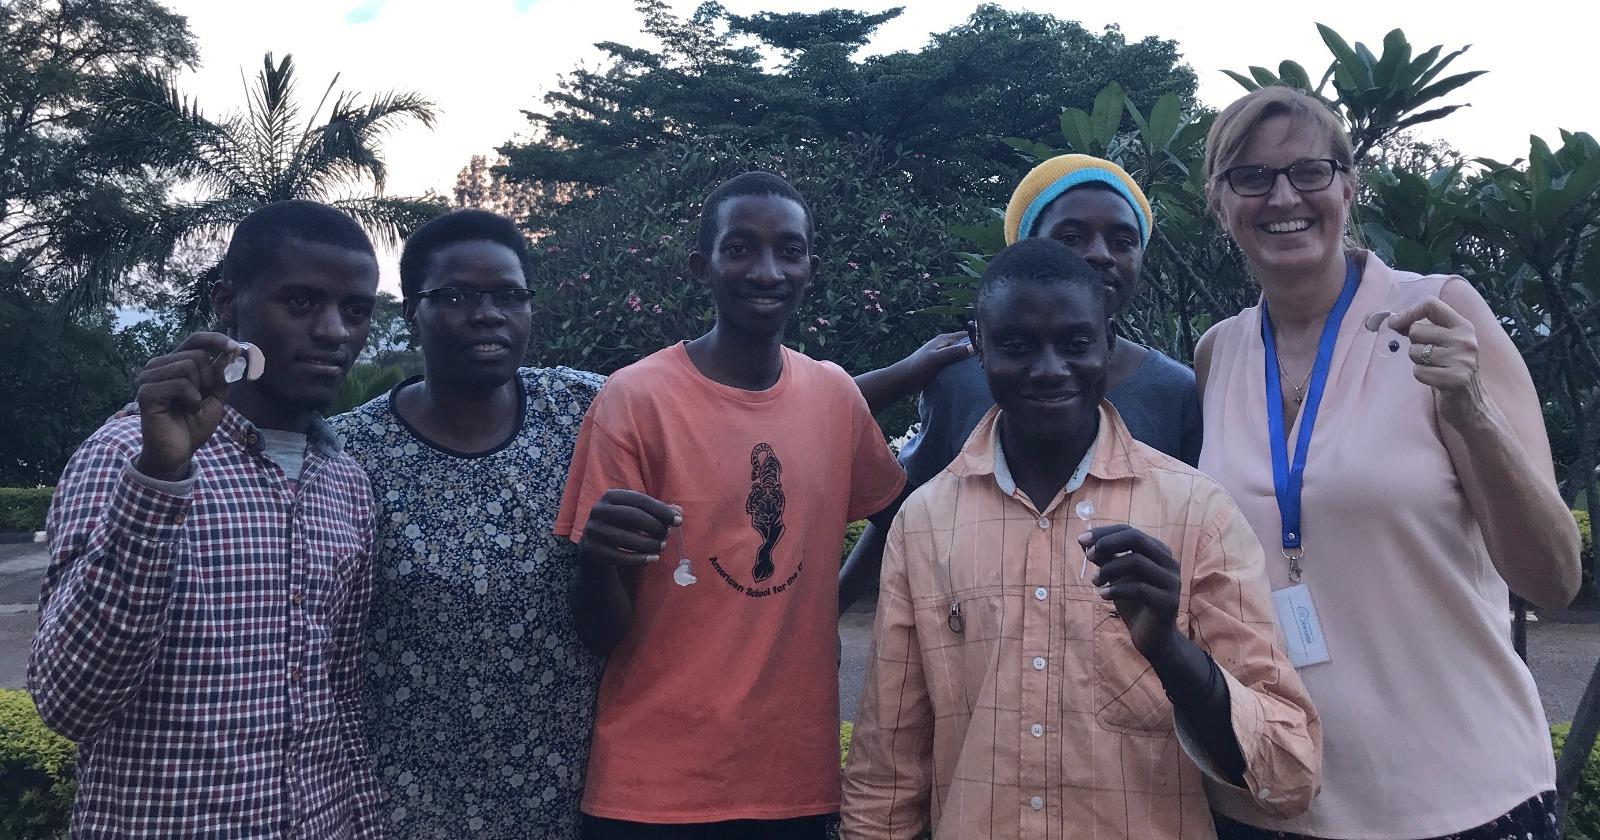 Hearing Aid Rwanda